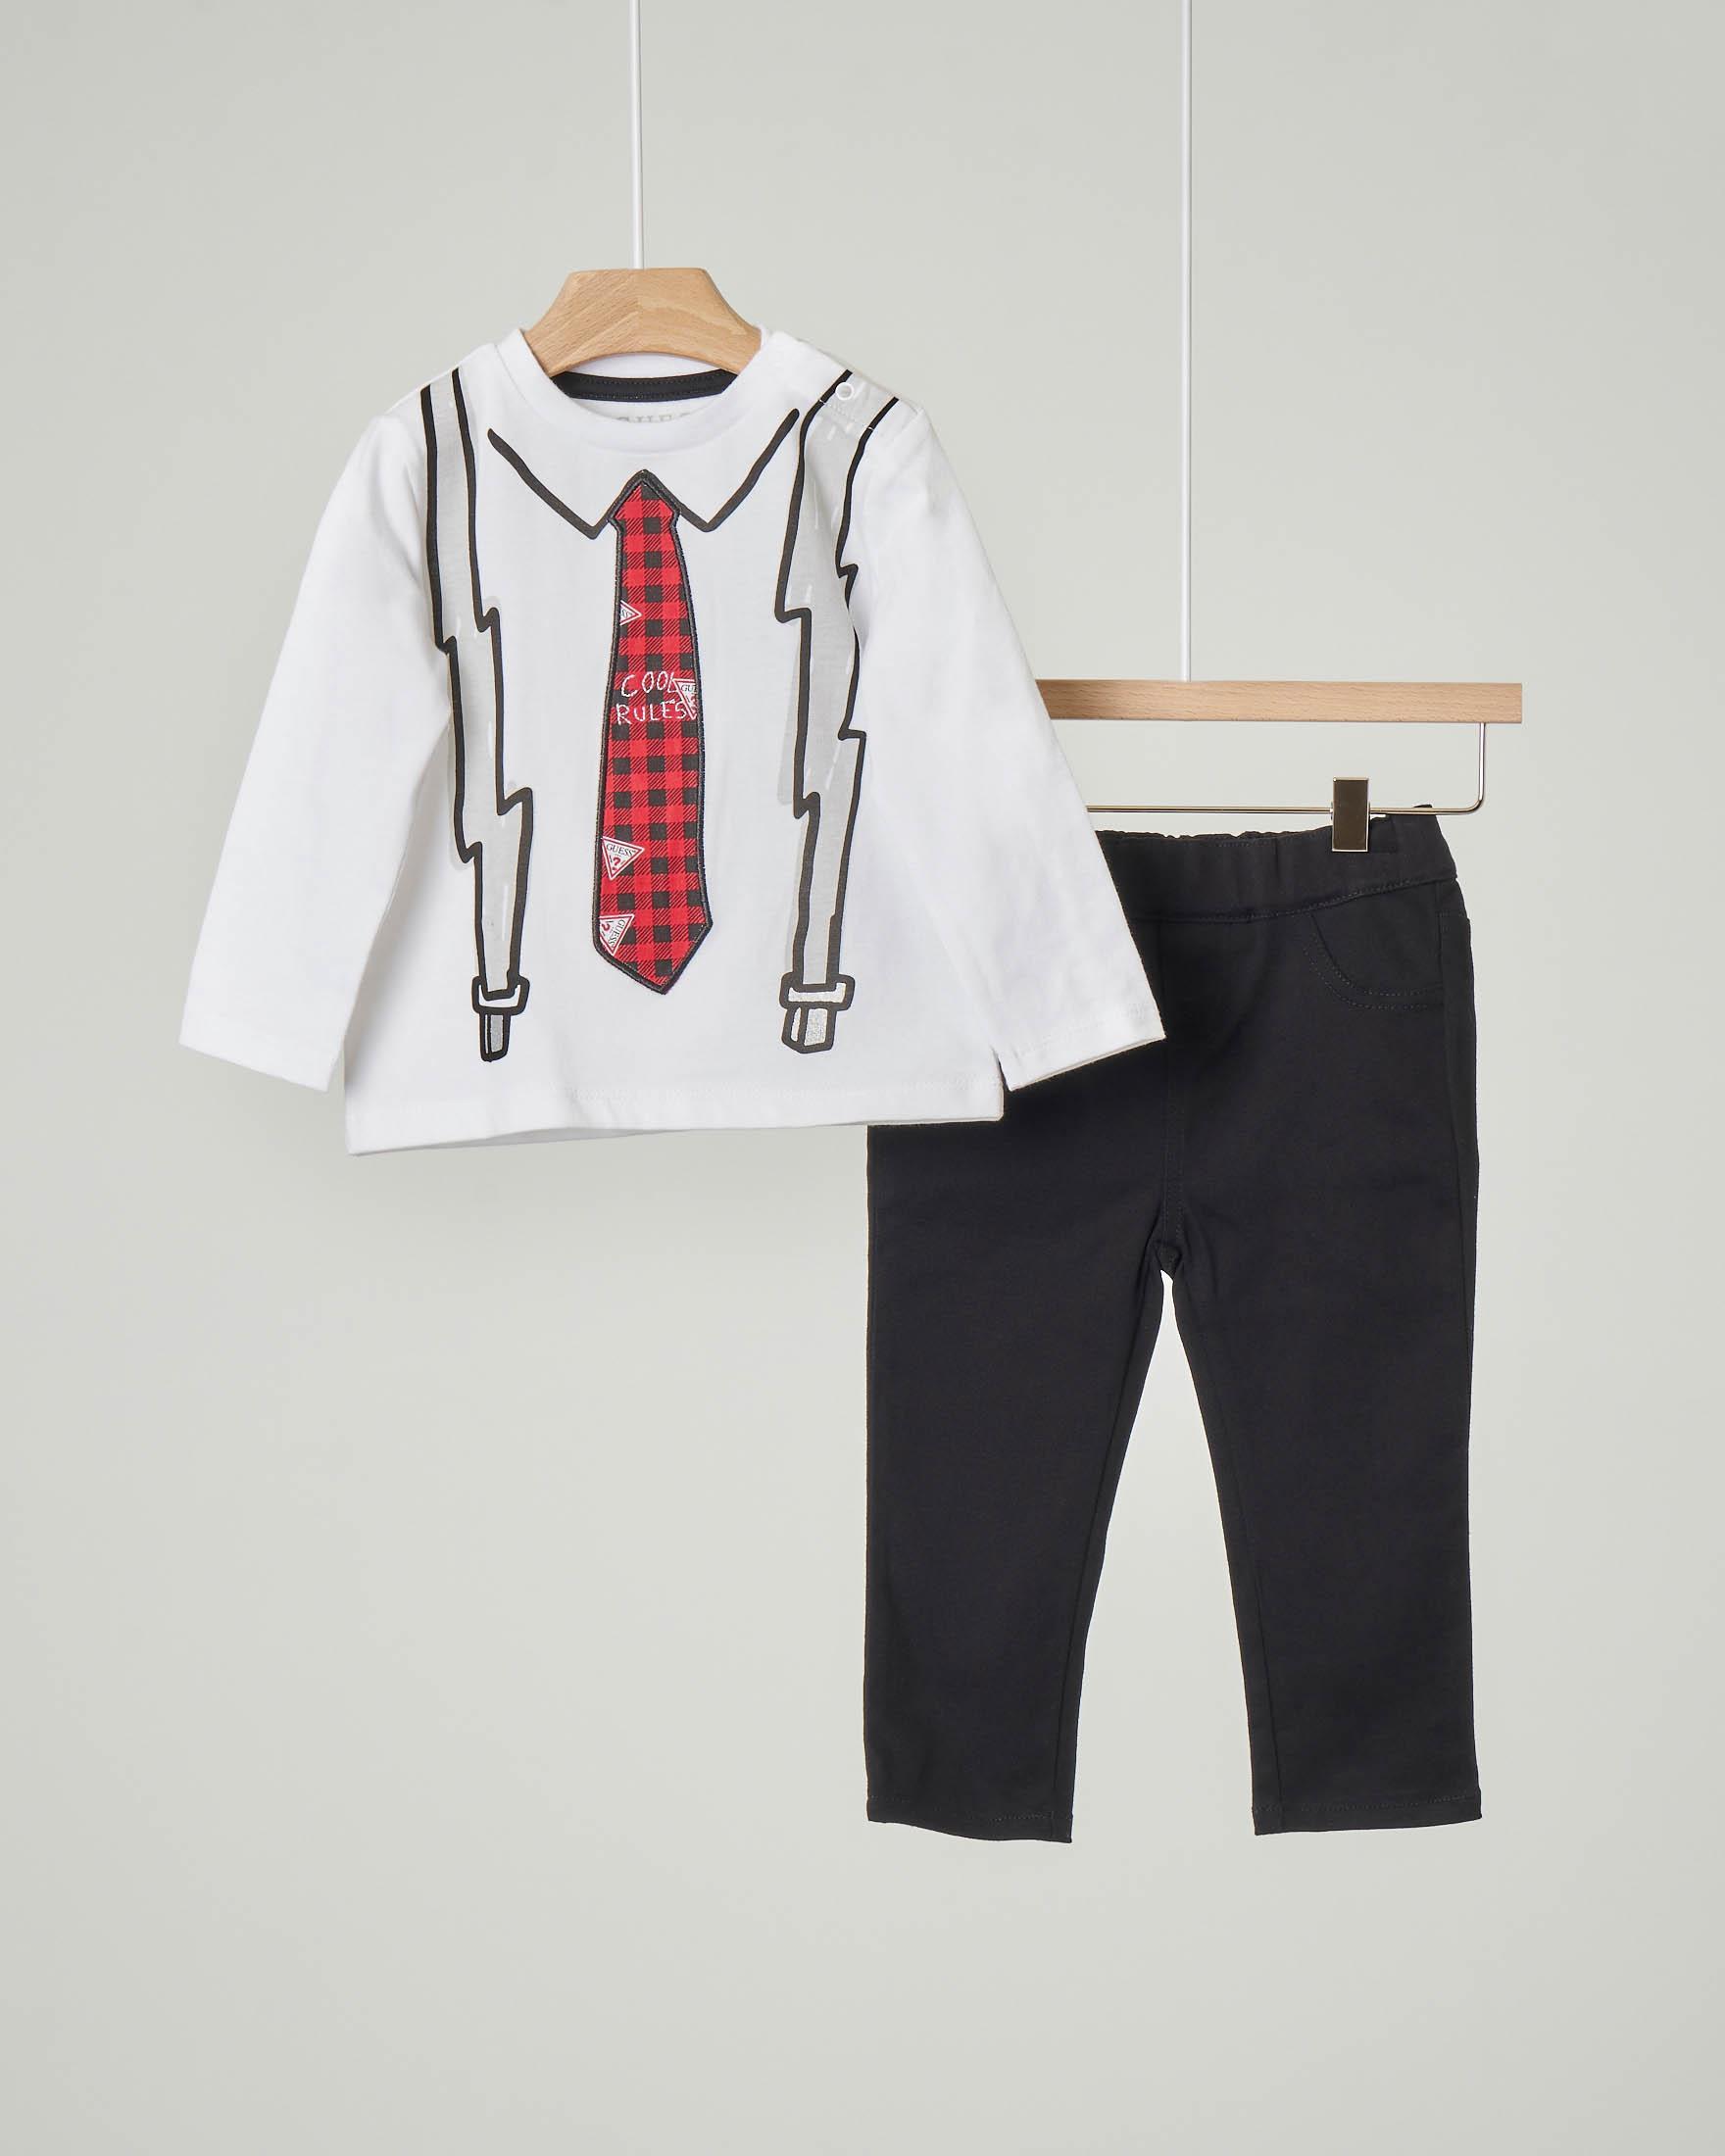 Completo t-shirt bianca manica lunga con stampa cravatta e bretelle e pantaloni neri con elastico in vita 9-24 mesi